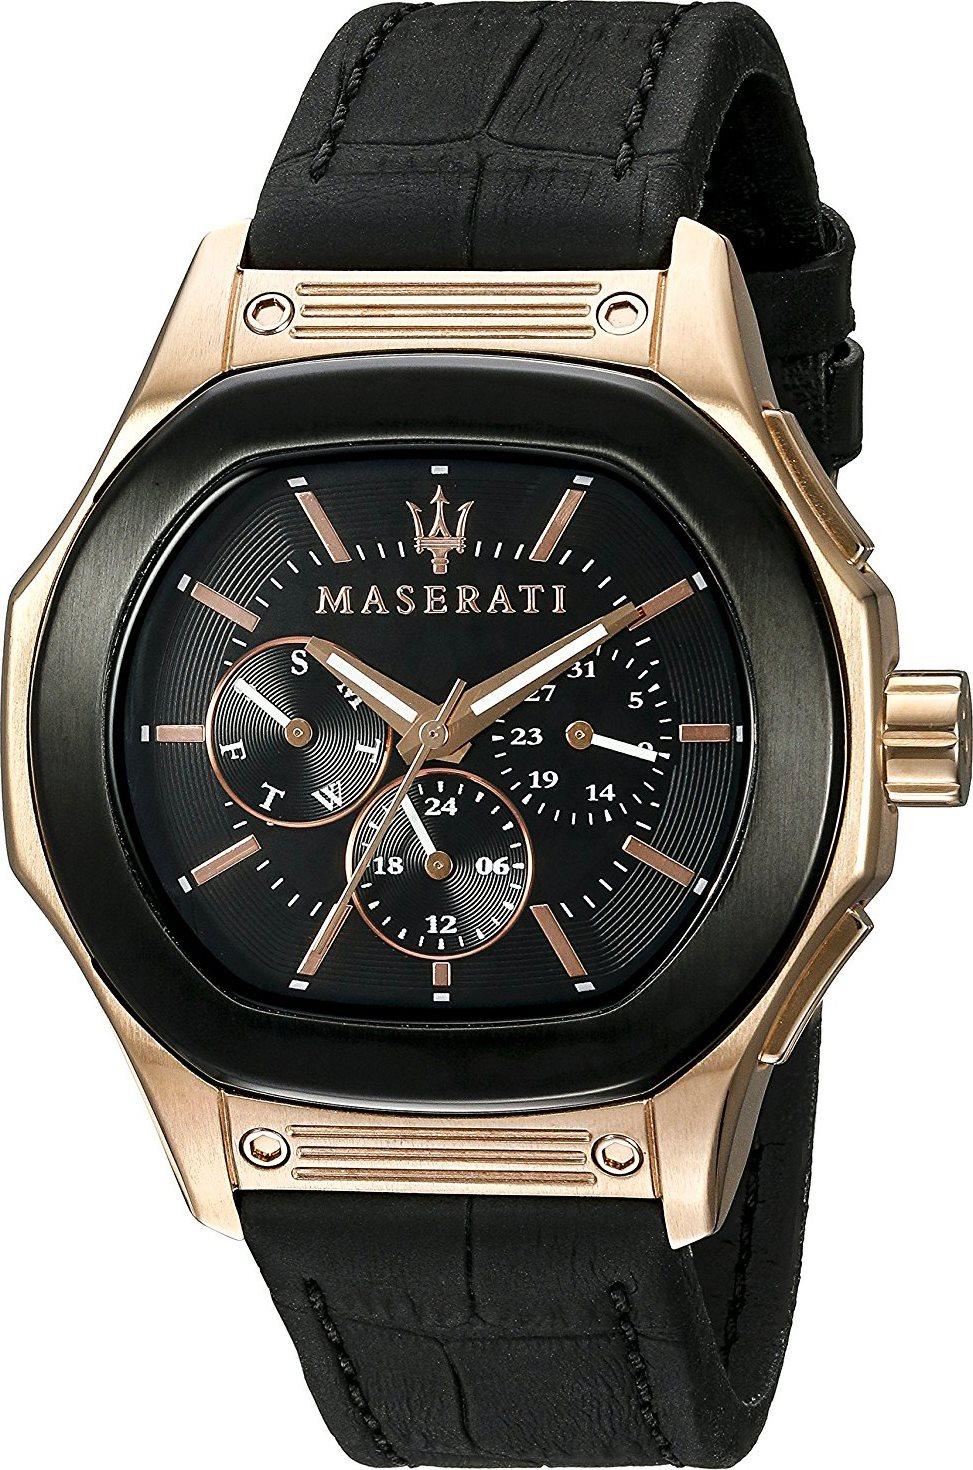 orologio maserati r8851116002 orologi uomo acciaio inox | prezzoforte